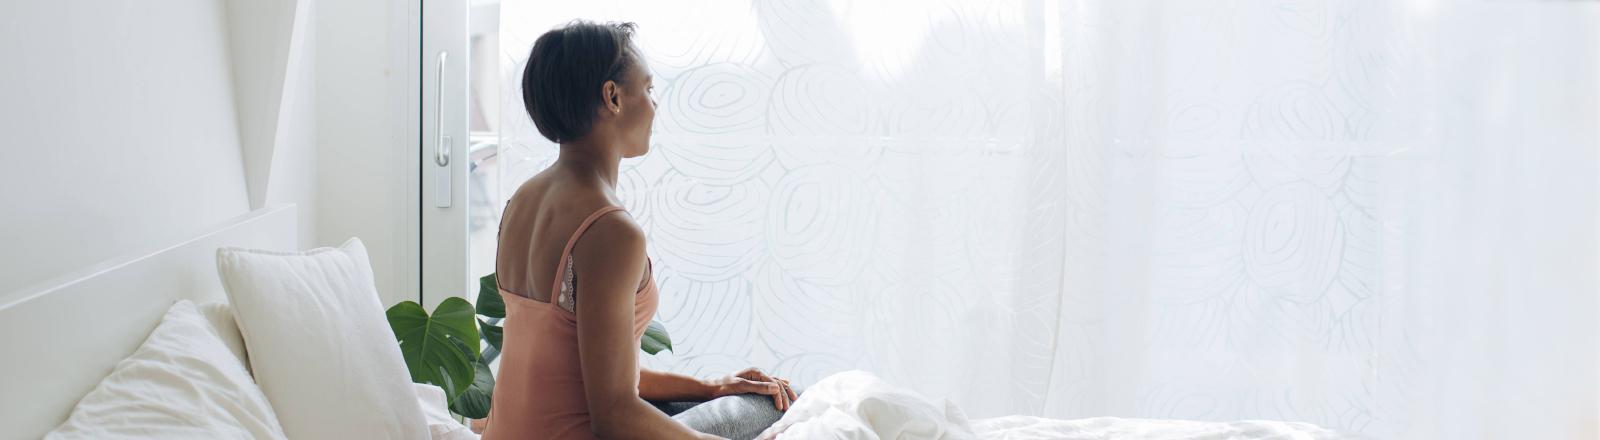 Frau sitzt alleine auf Bett